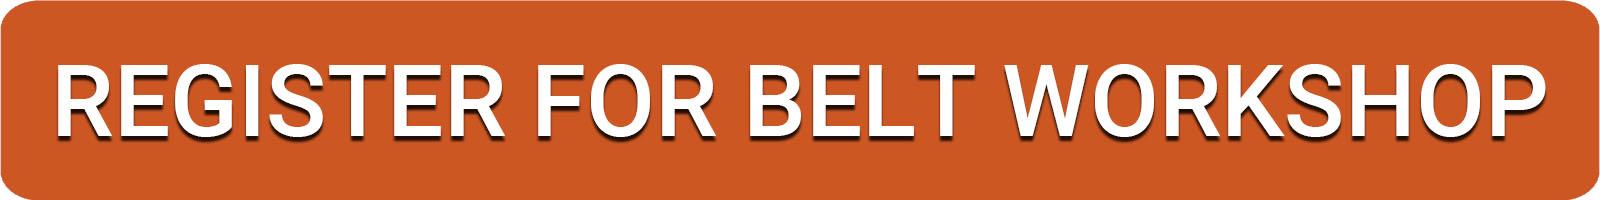 Register for the belt making workshop